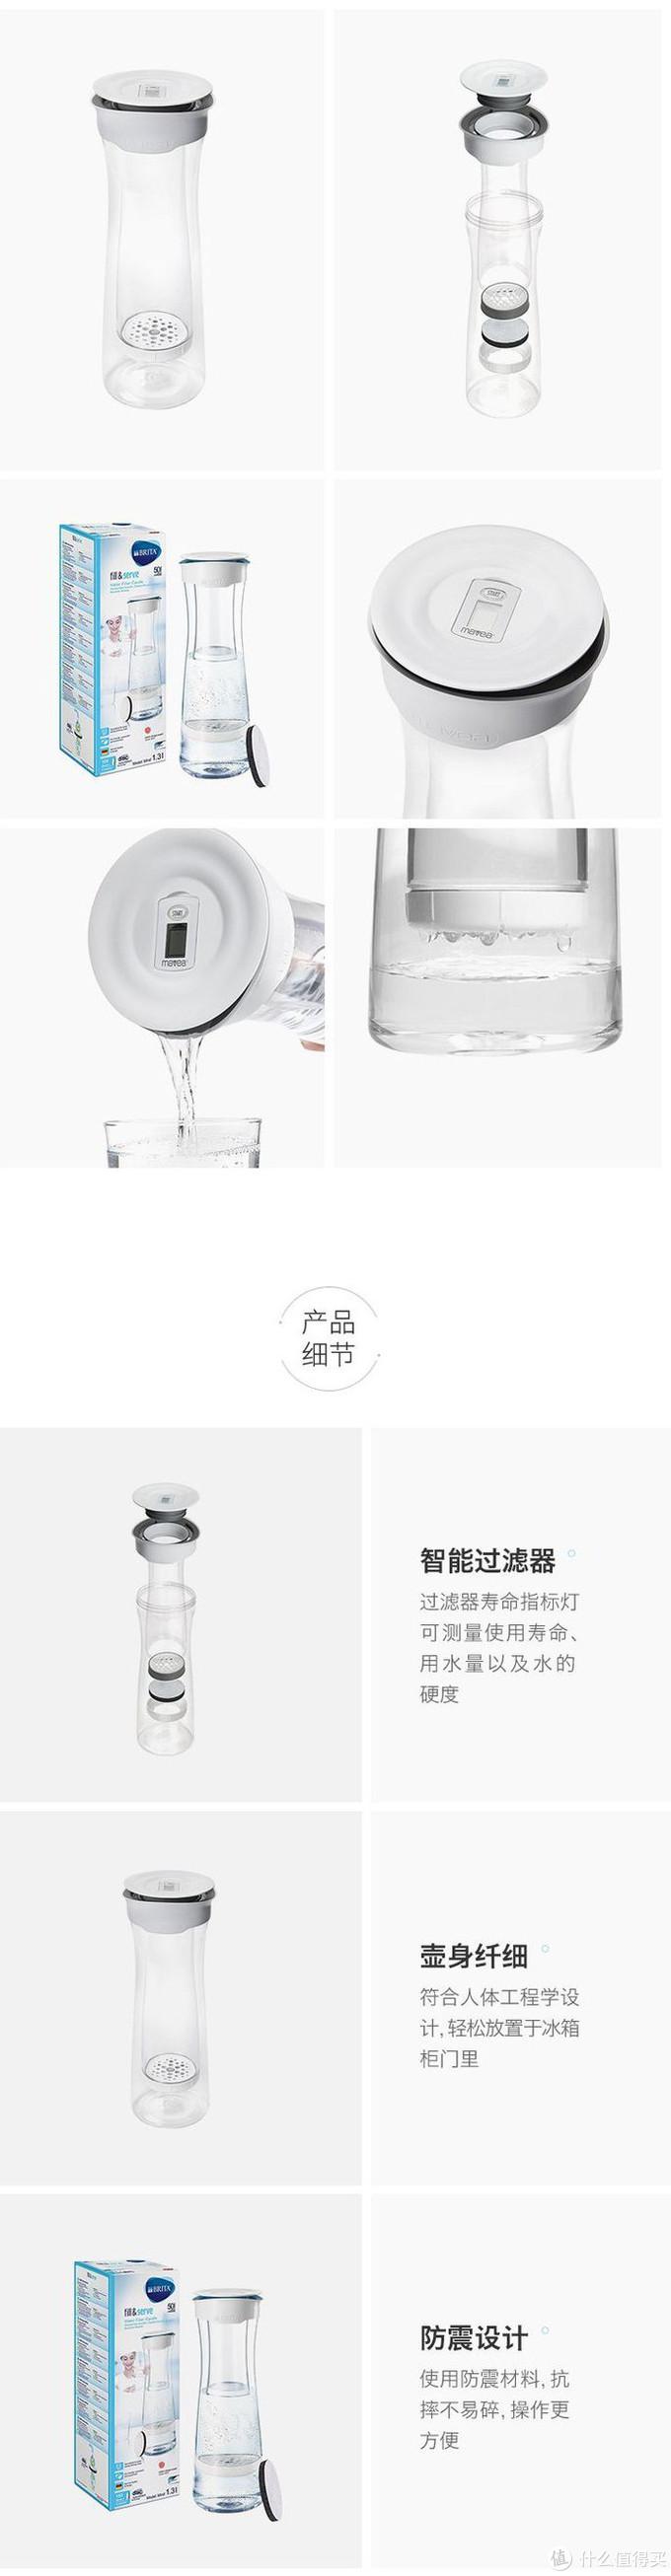 水壶虽小但是功能一点都没少,碧然德经典的水芯计时器功能依然沿用